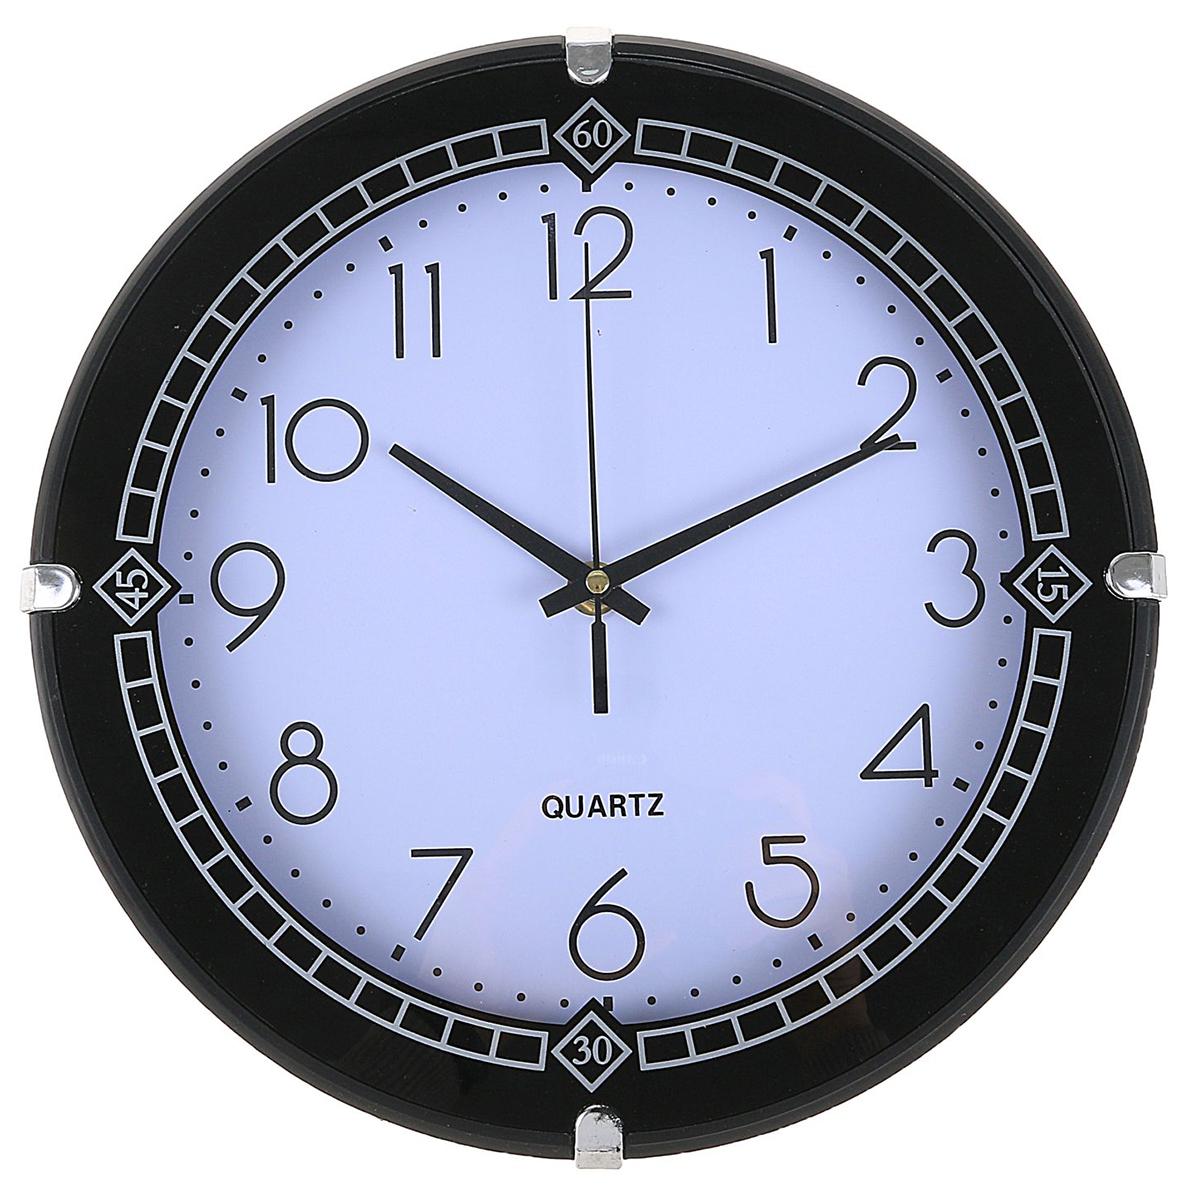 Часы настенные Модерн, цвет: черный, диаметр 28,5 см хочу продать свою квартиру которая менее 3х лет и другую какие налоги надо заплатить